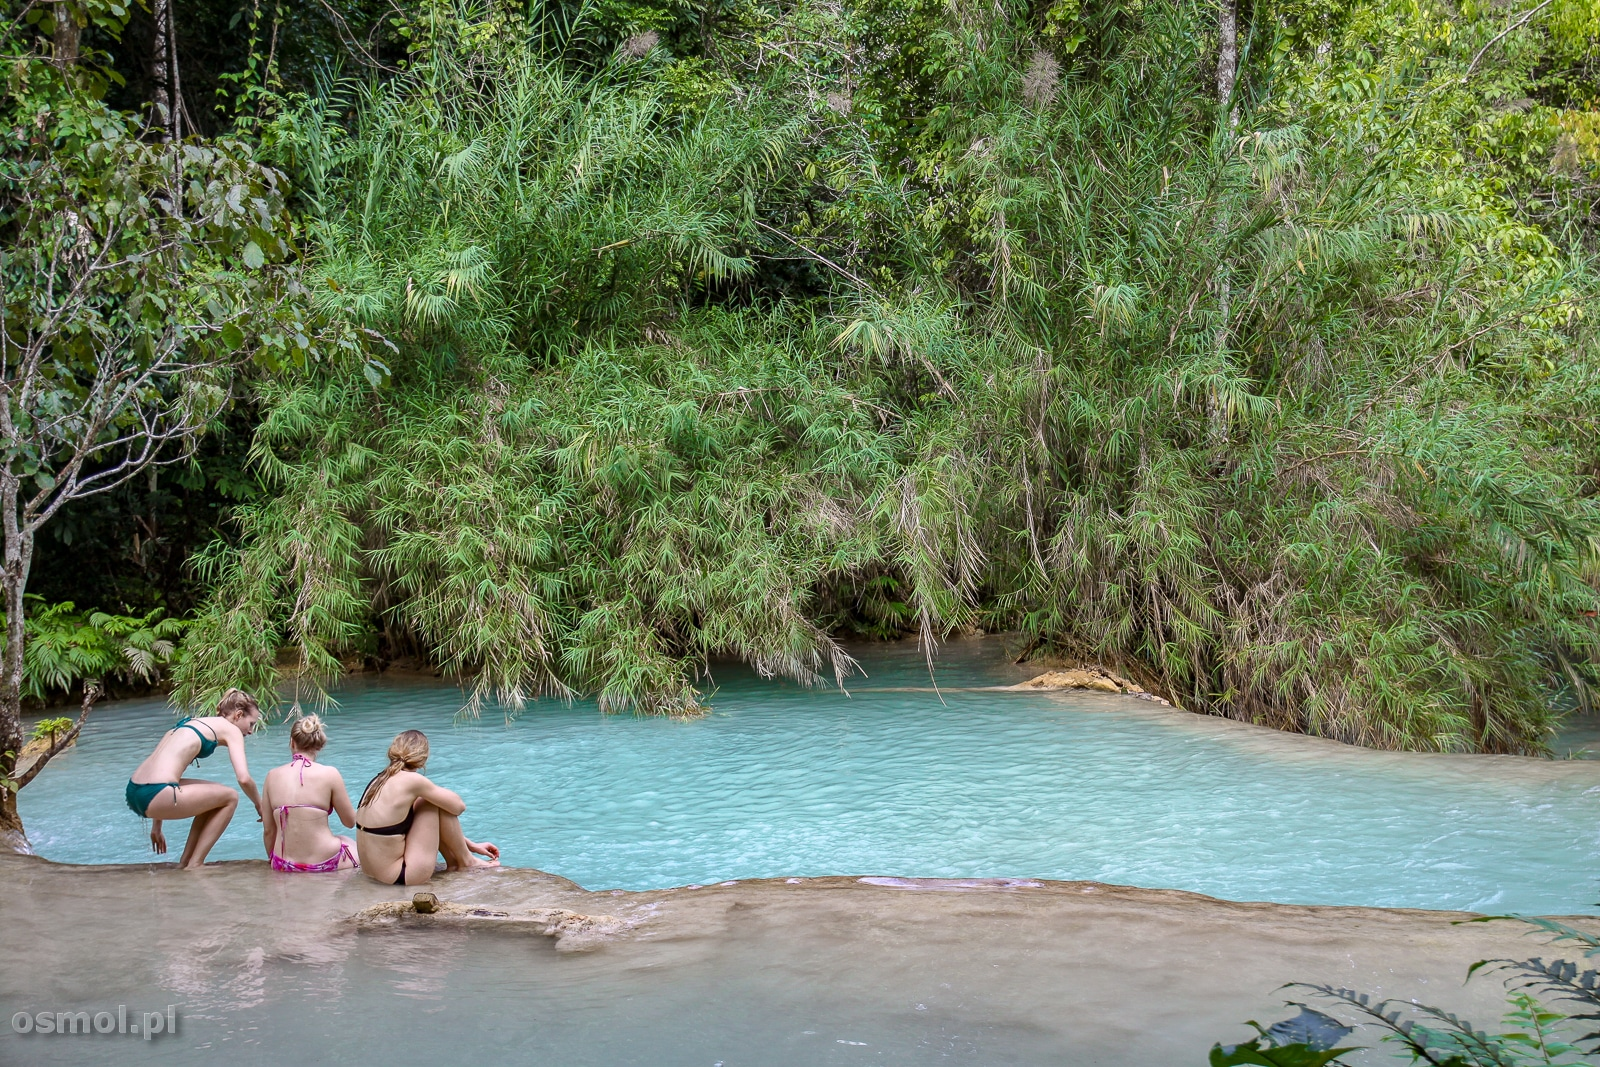 Niestety turyści nad wodospadem mogą wchodzić wszędzie przez co często niszczą naturalnie ukształtowane baseny z wodą